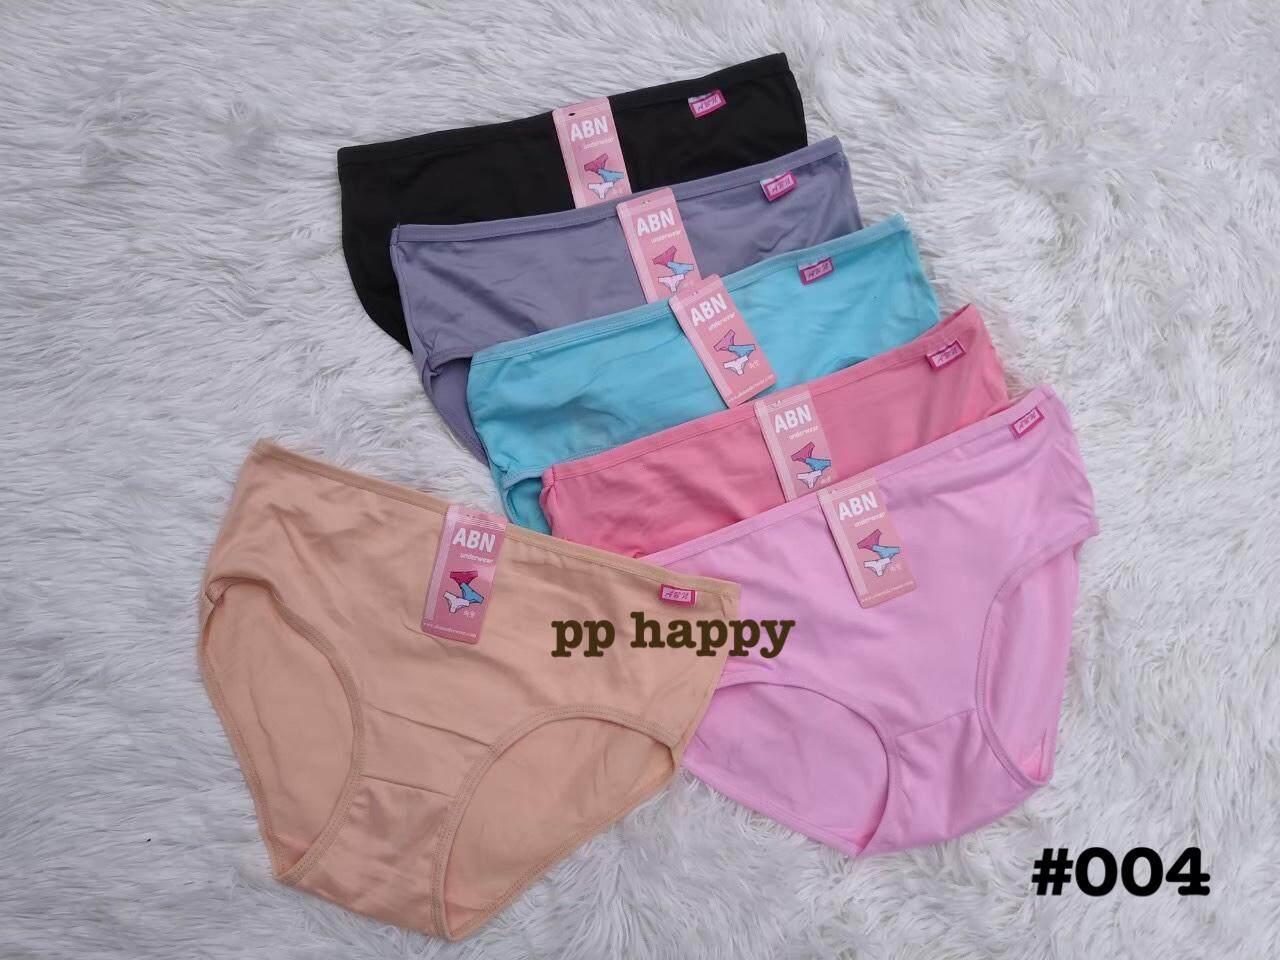 เเพ็ค 10 ตัว กางเกงในหญิง สีล้วน ผ้านุ่ม คละสี  #004